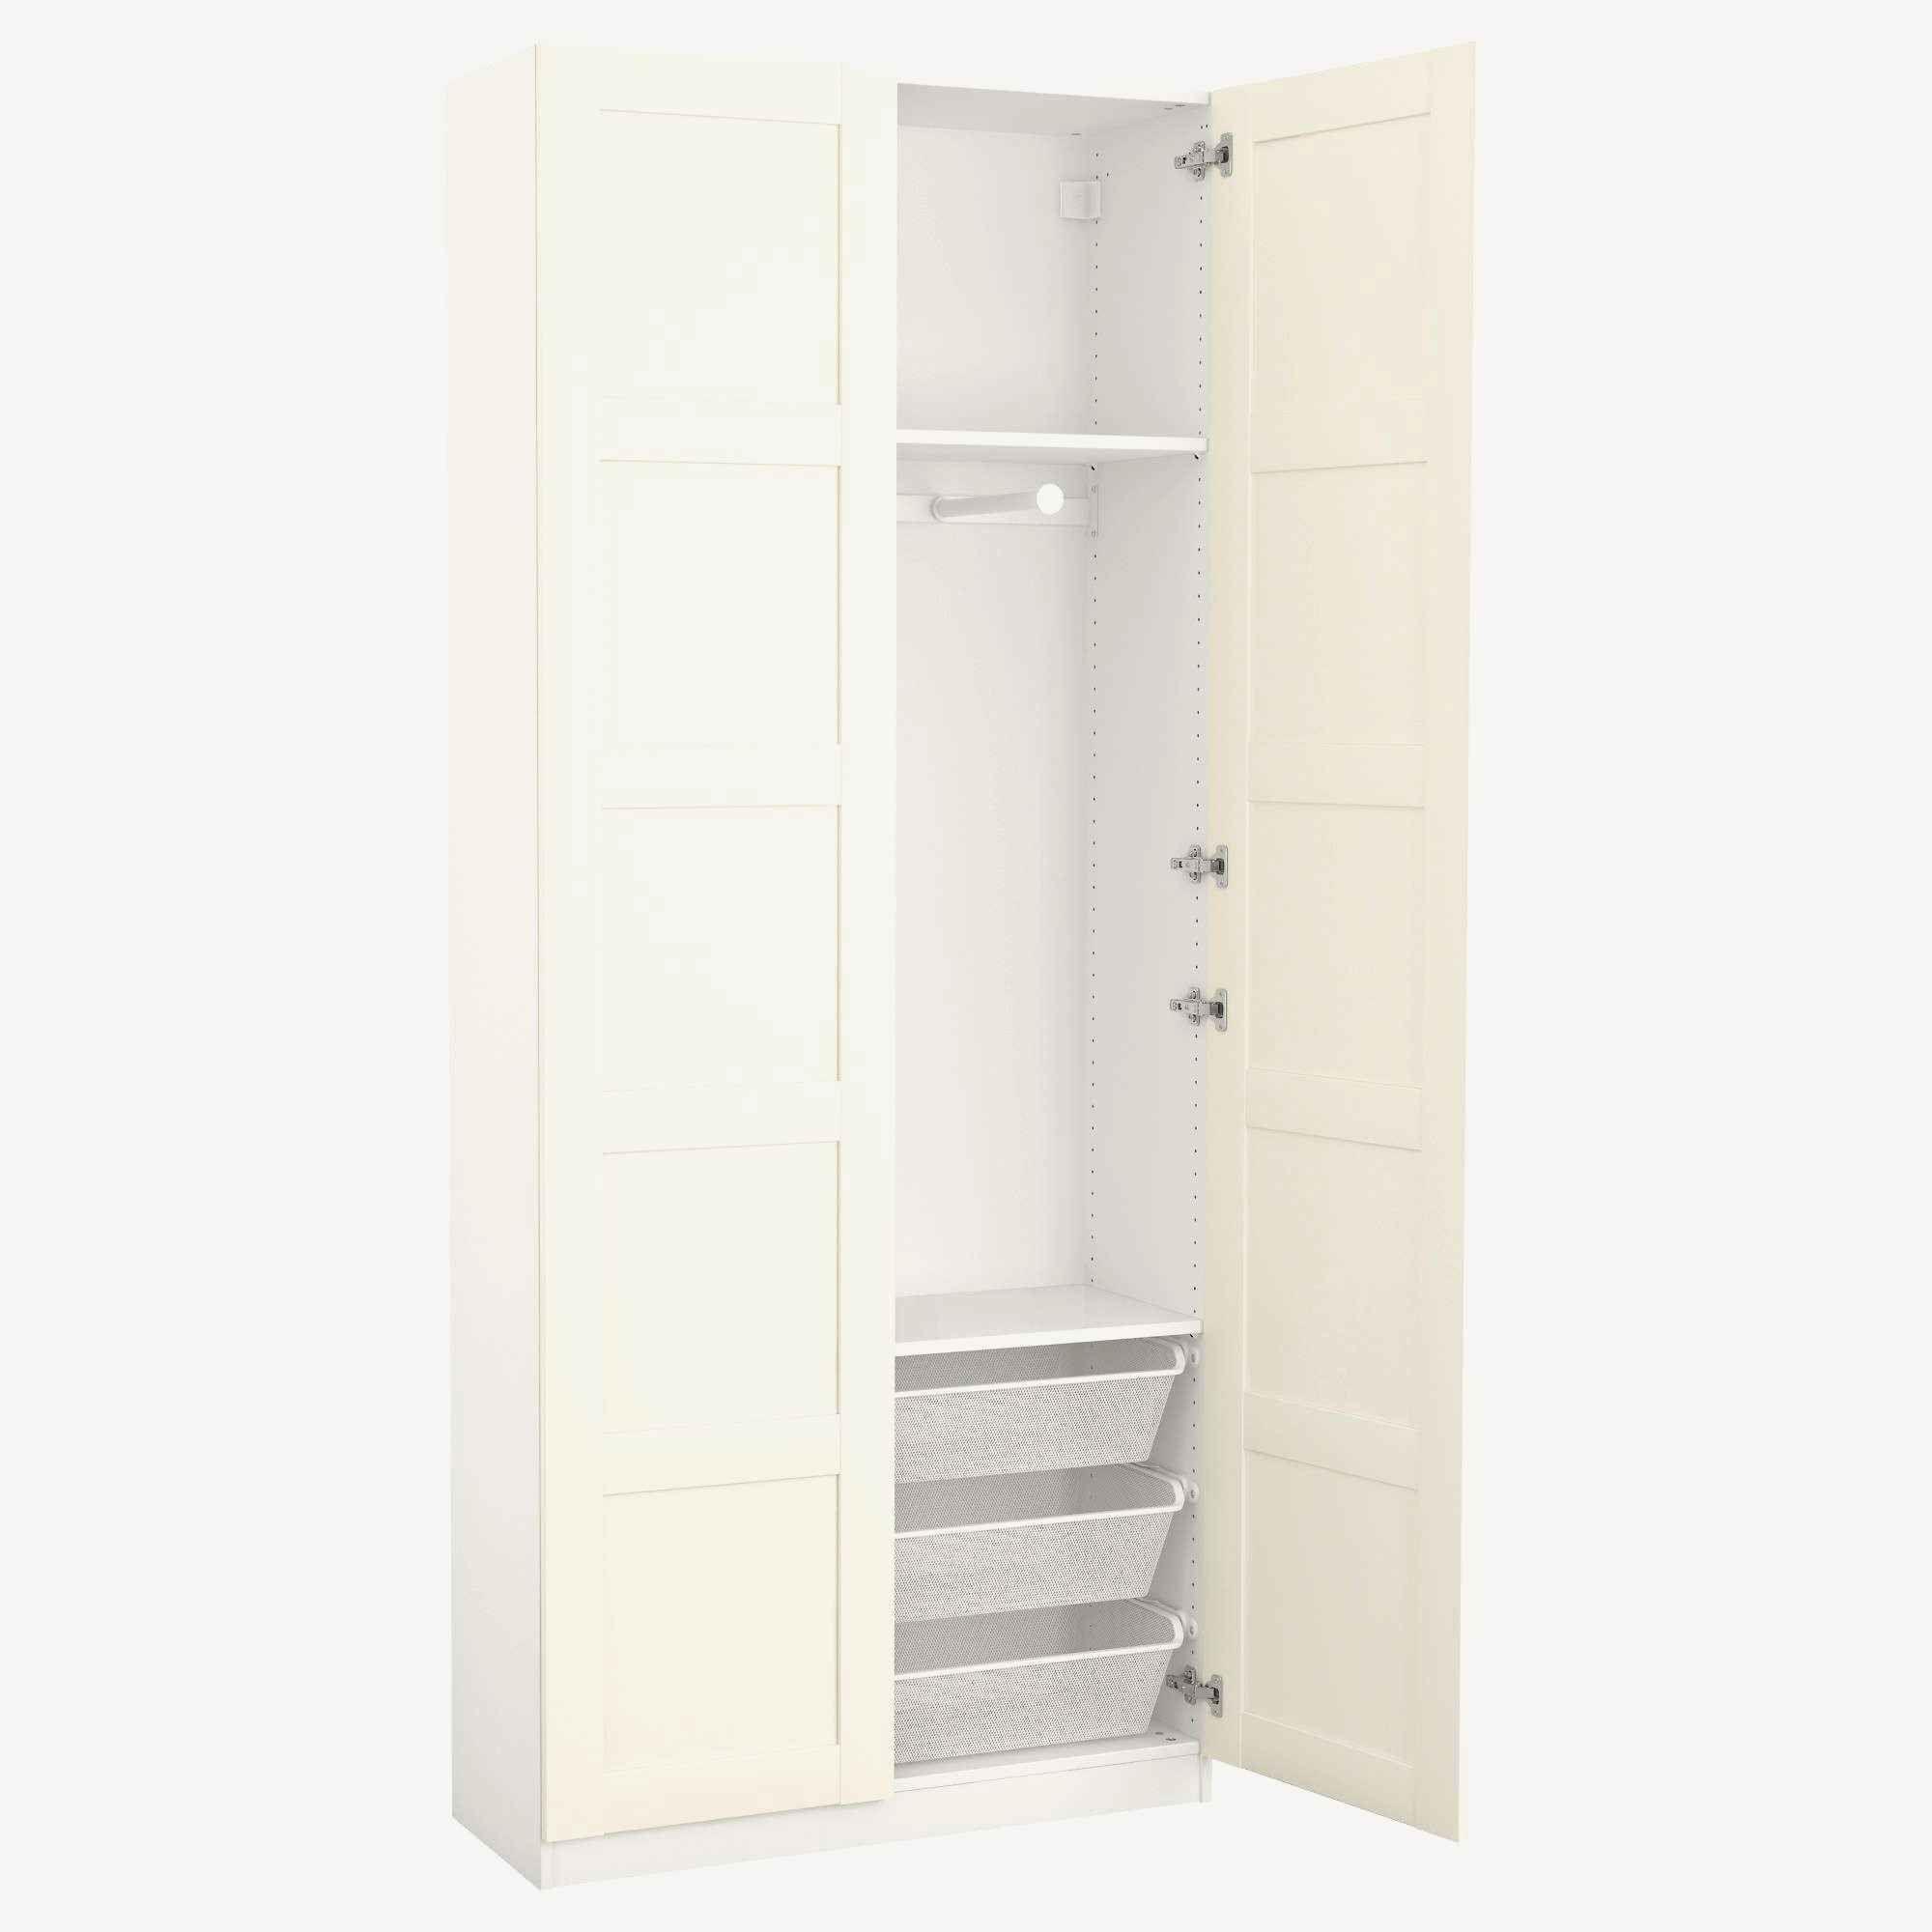 Kleiderschrank Spind Karisha Co Locker Storage Tall Cabinet Storage Storage Cabinet